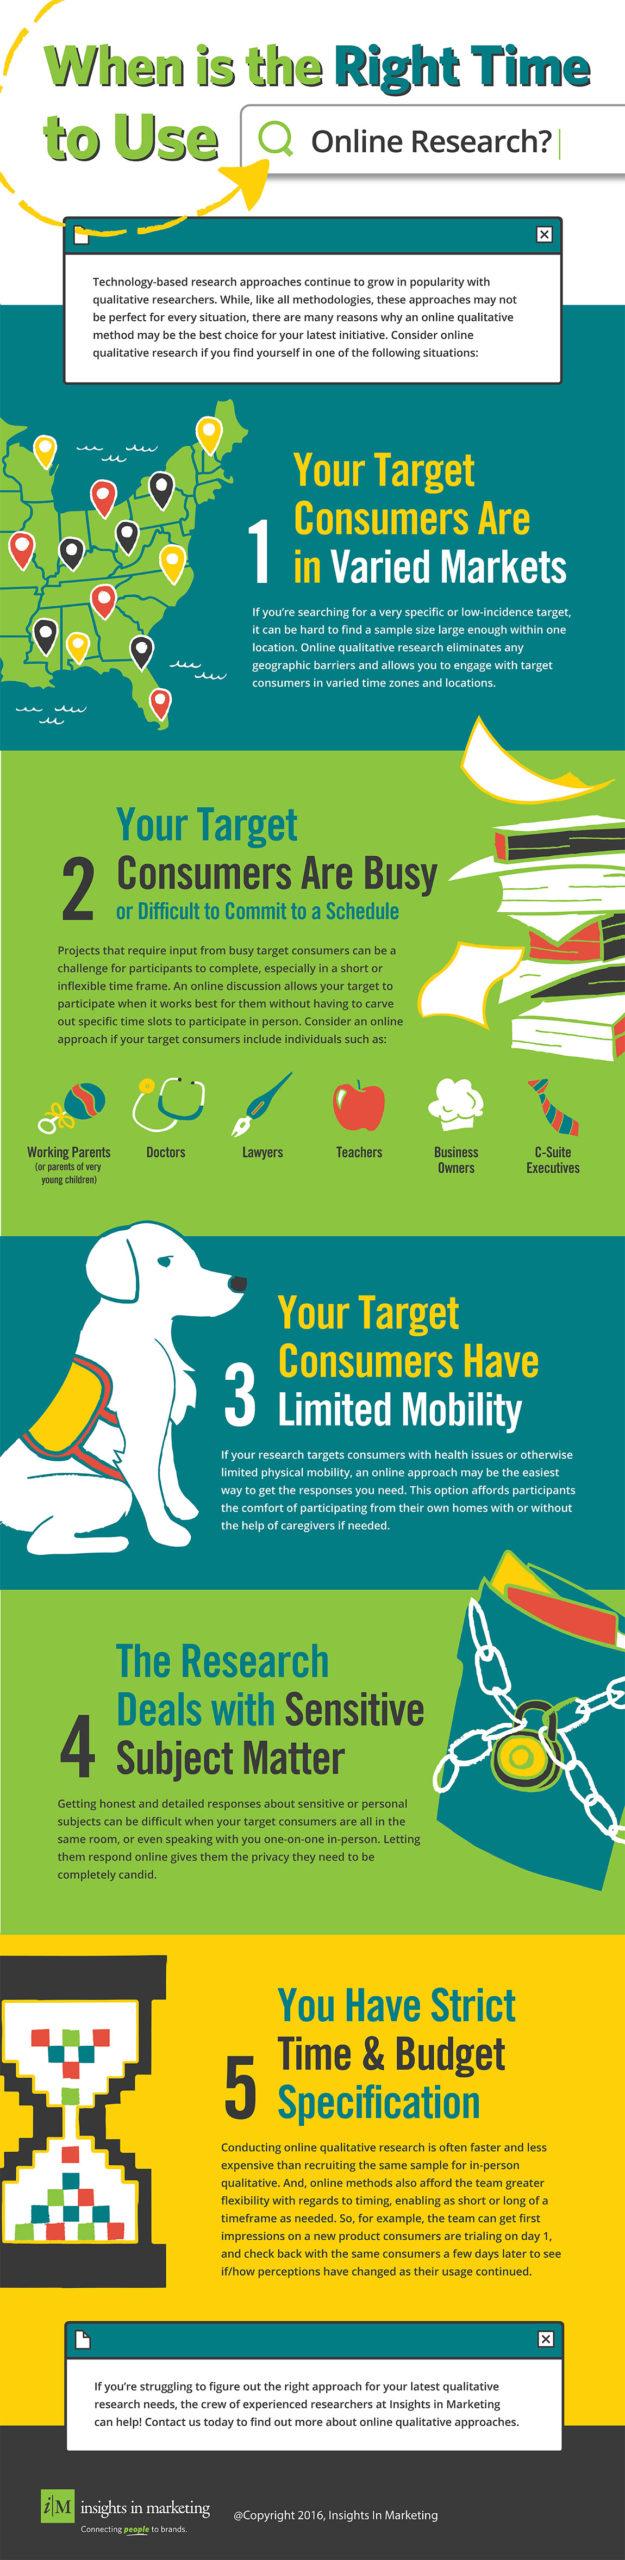 iim 007 infographic onlineresearch 3 01 opt1